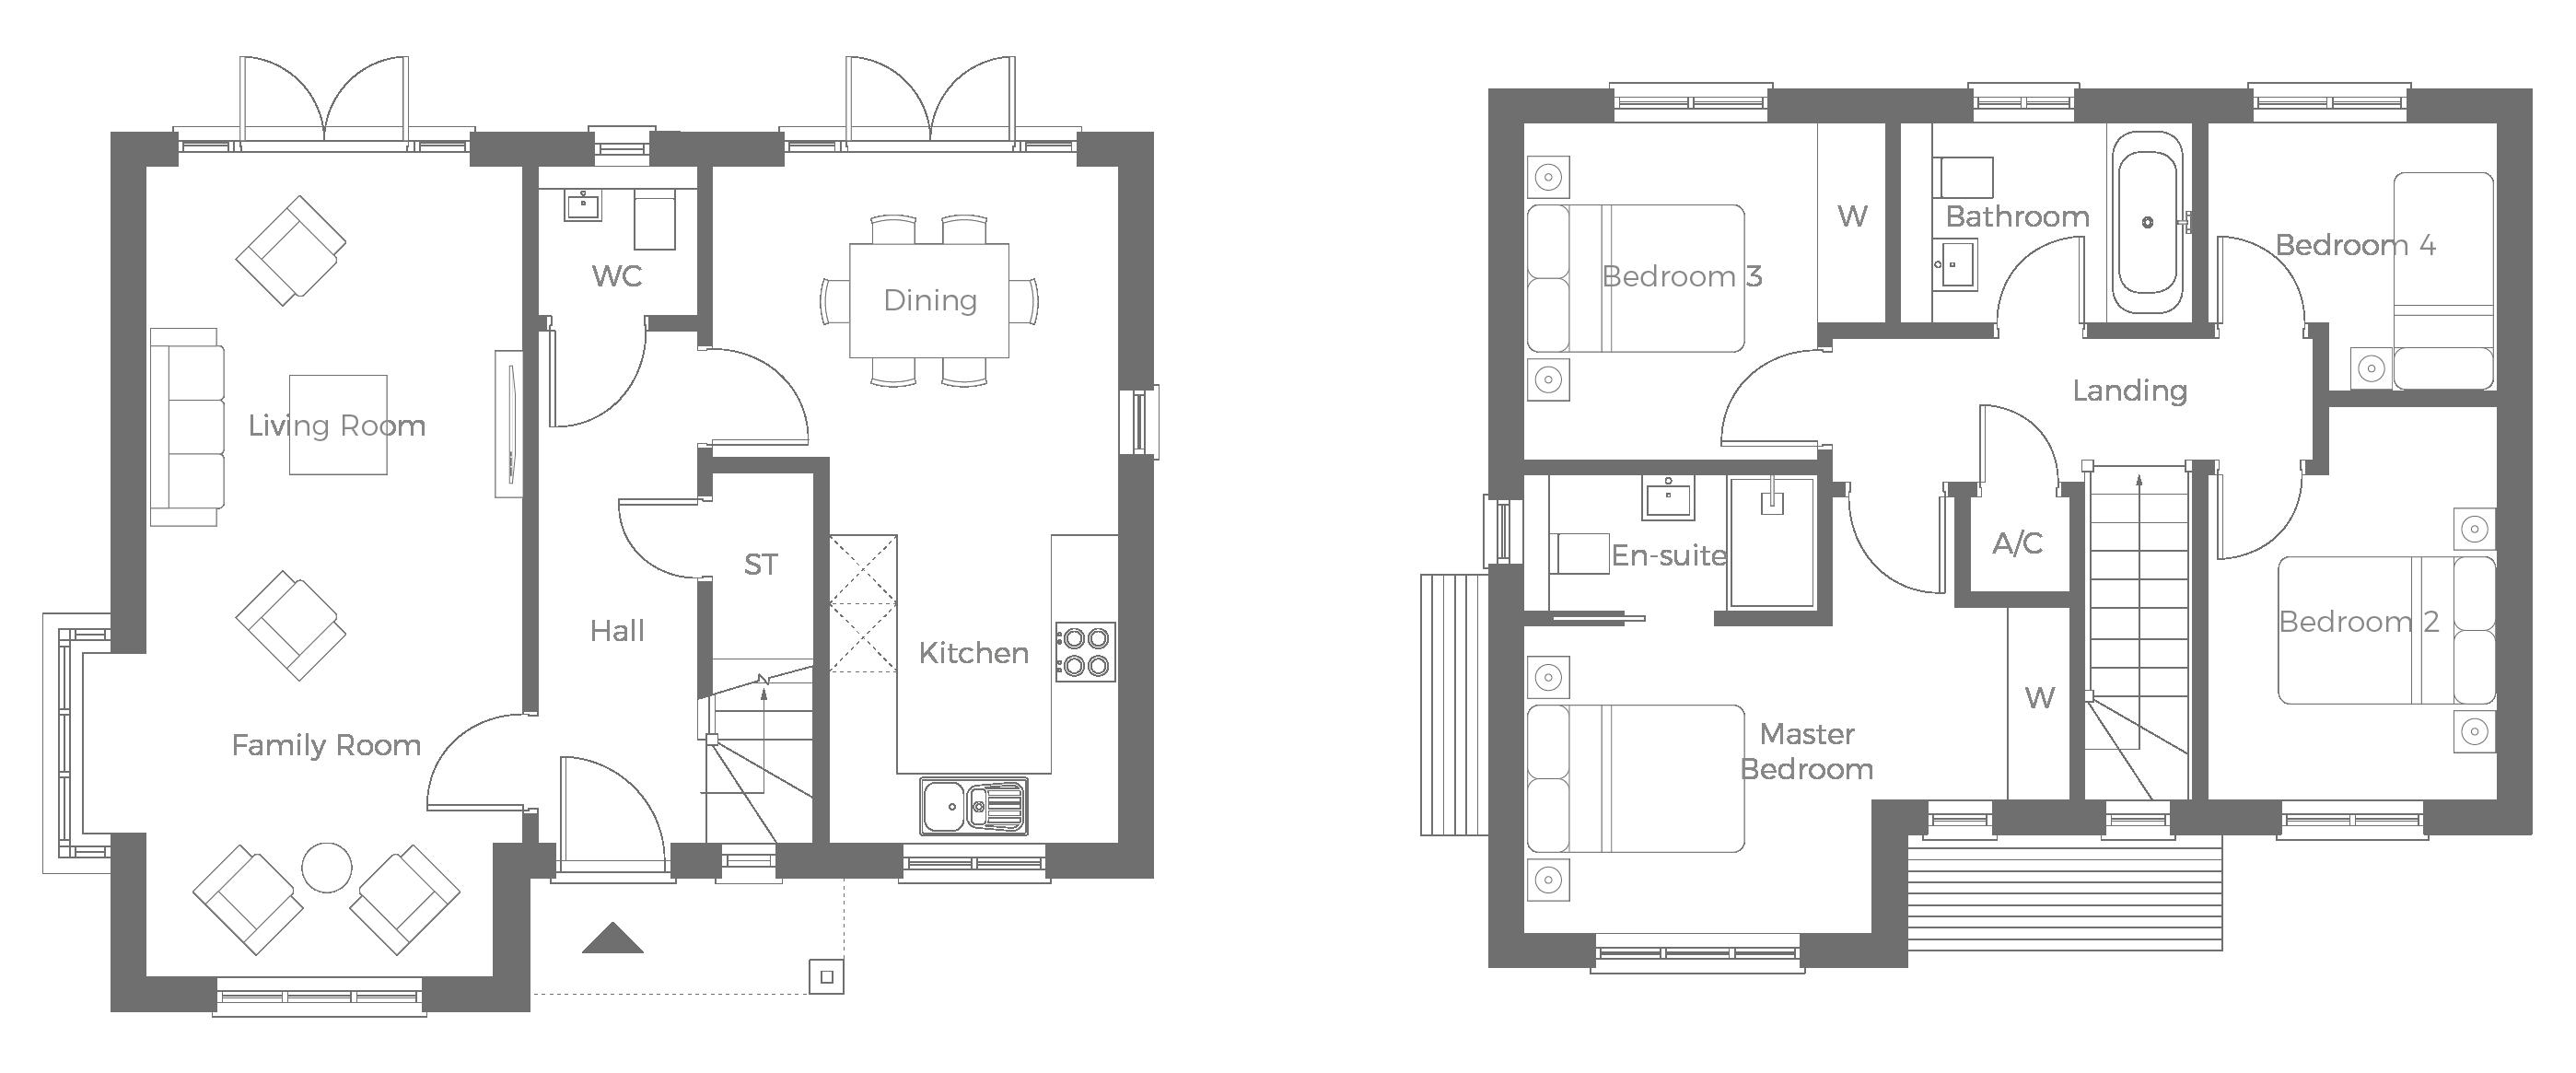 The Kensington 4 bedroom detached home with adjacent garage